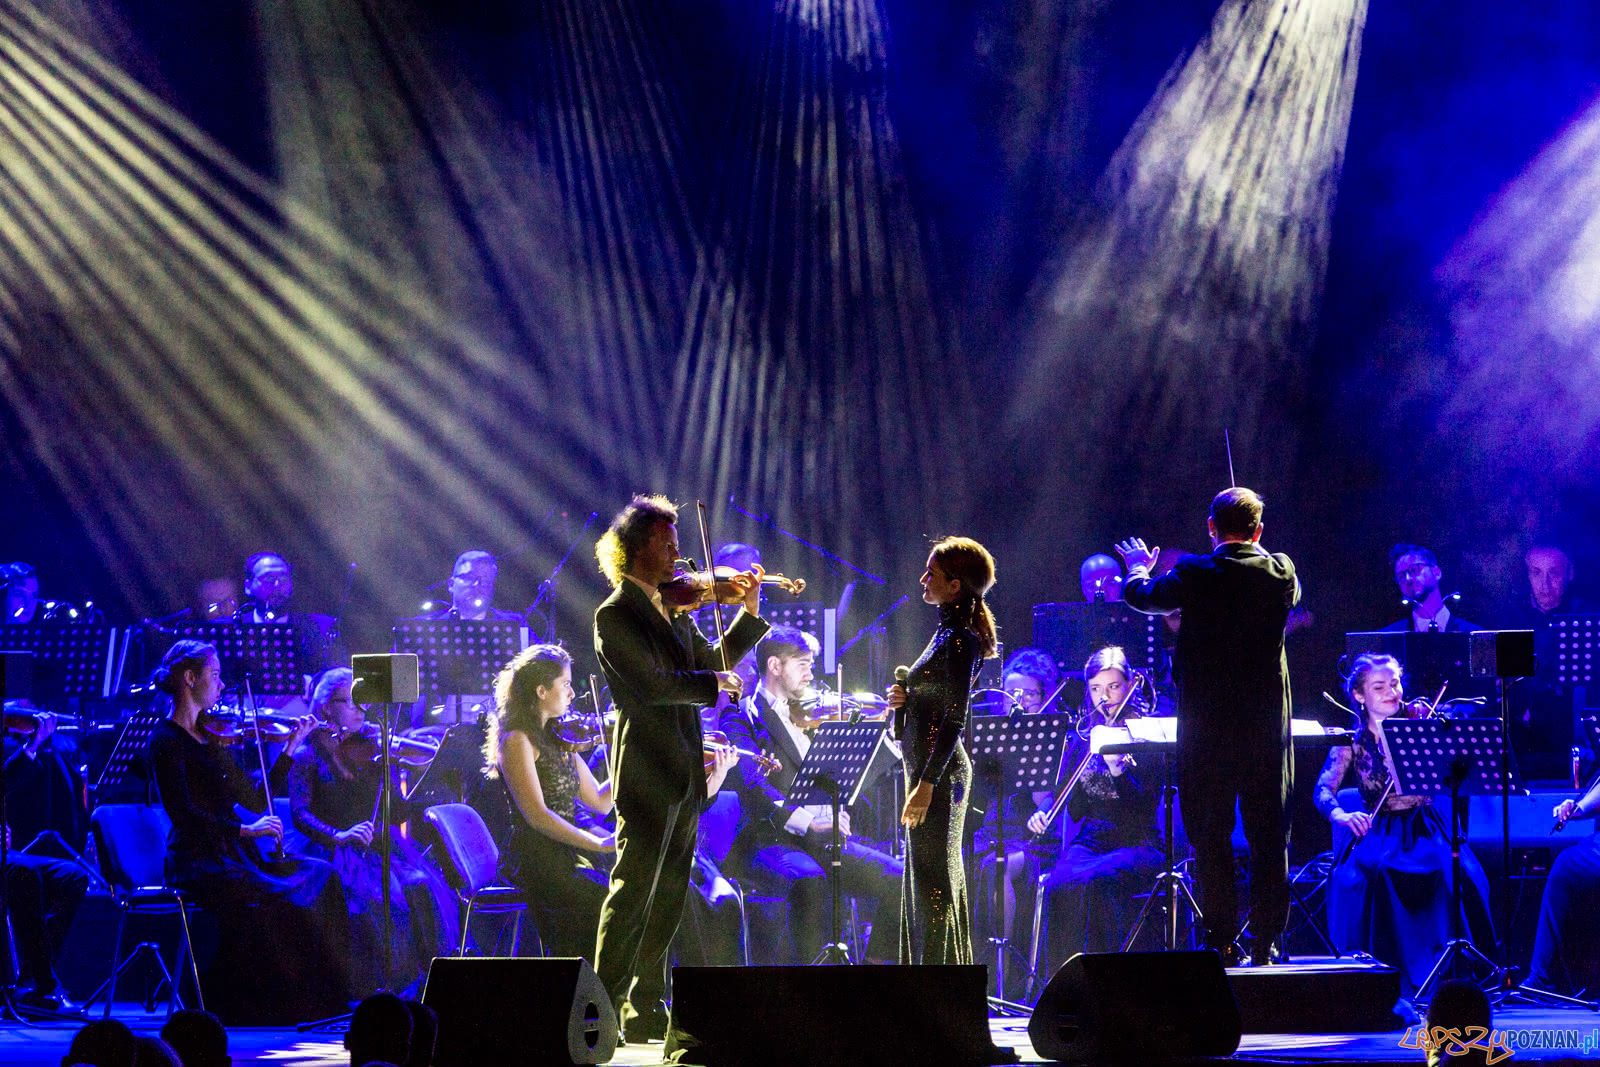 Wodecki Symfonicznie  Foto: lepszyPOZNAN.pl/Piotr Rychter